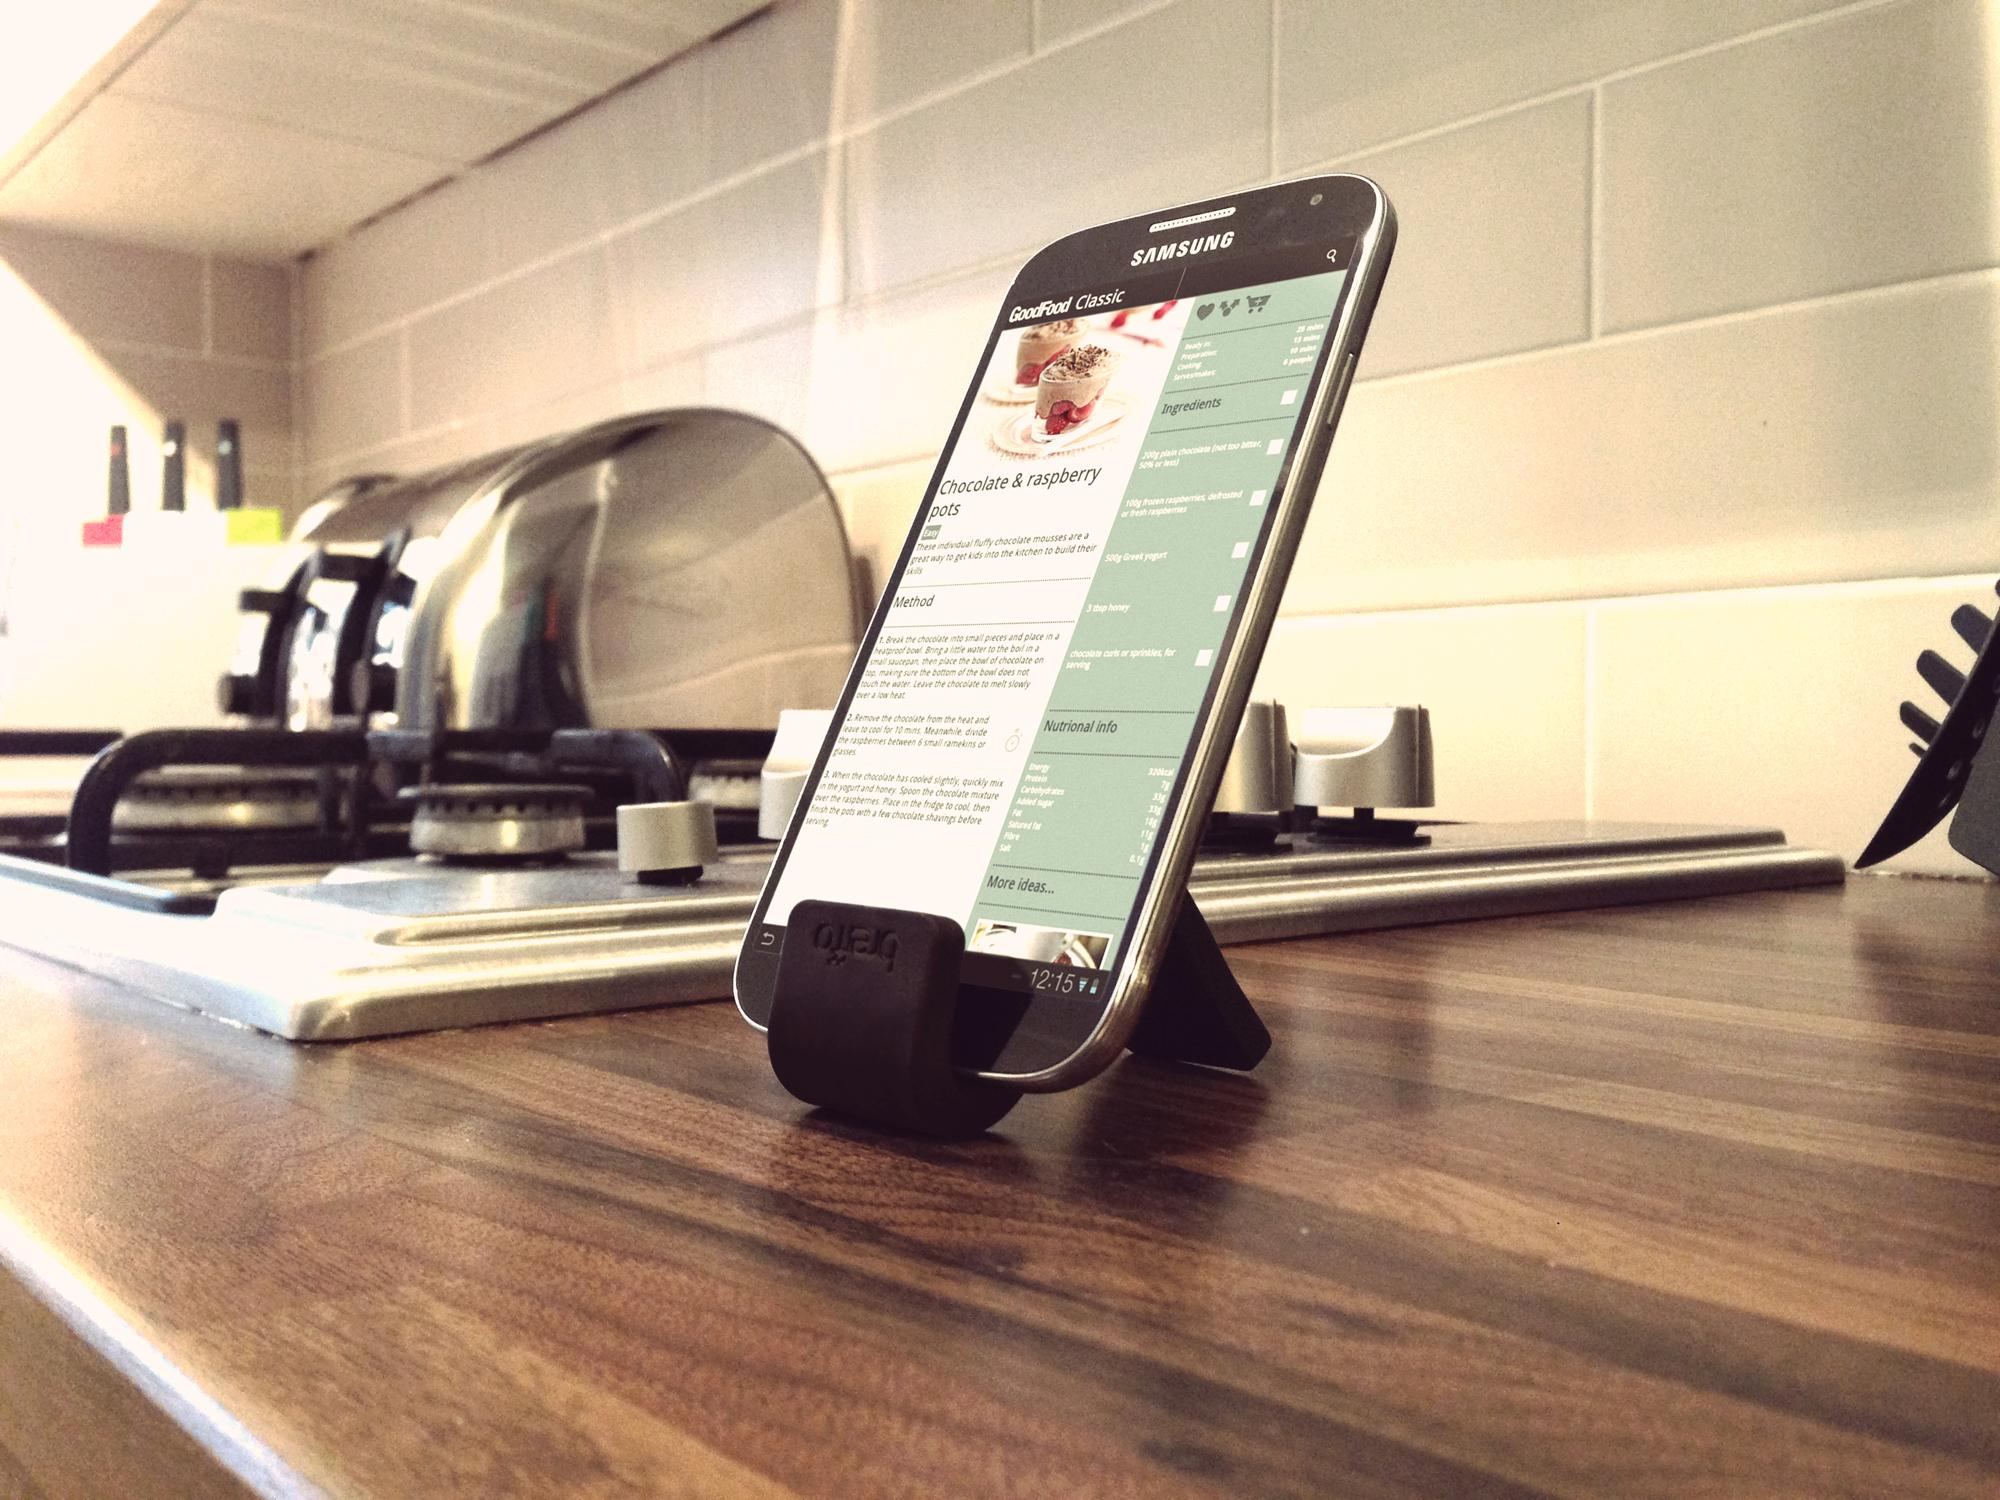 смартфон на кухне